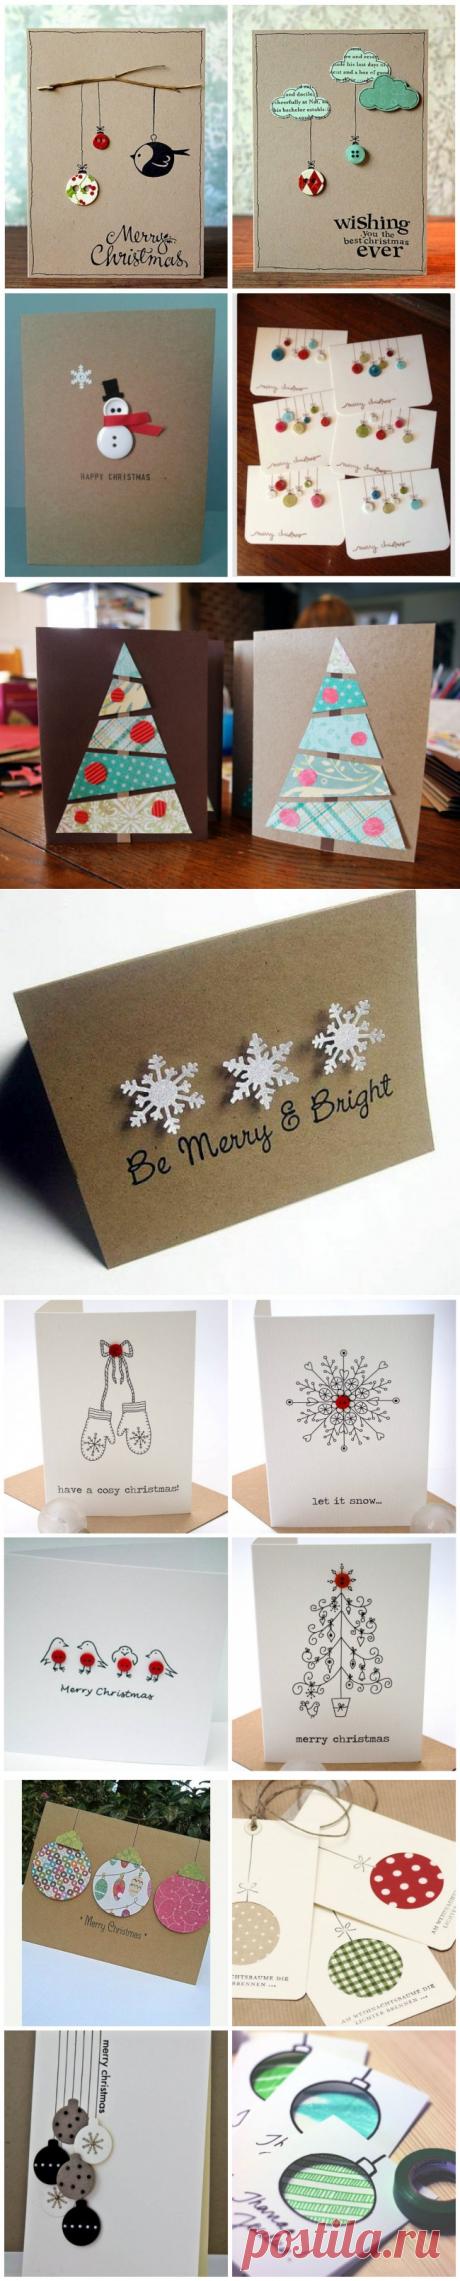 40 новогодних открыток, которые можно сделать за полчаса